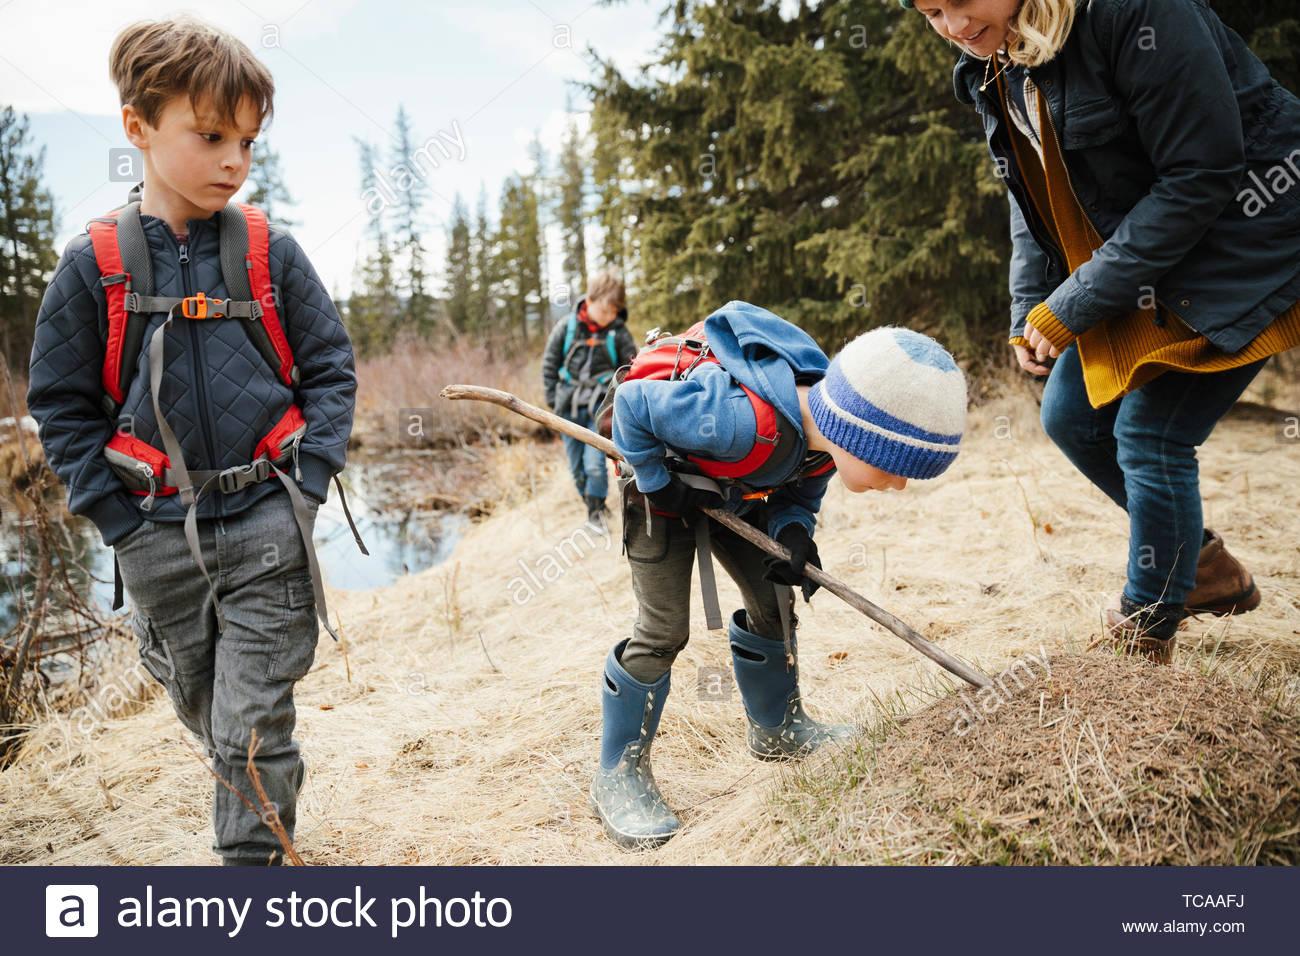 Mère et fils curieux randonnées dans les bois Photo Stock